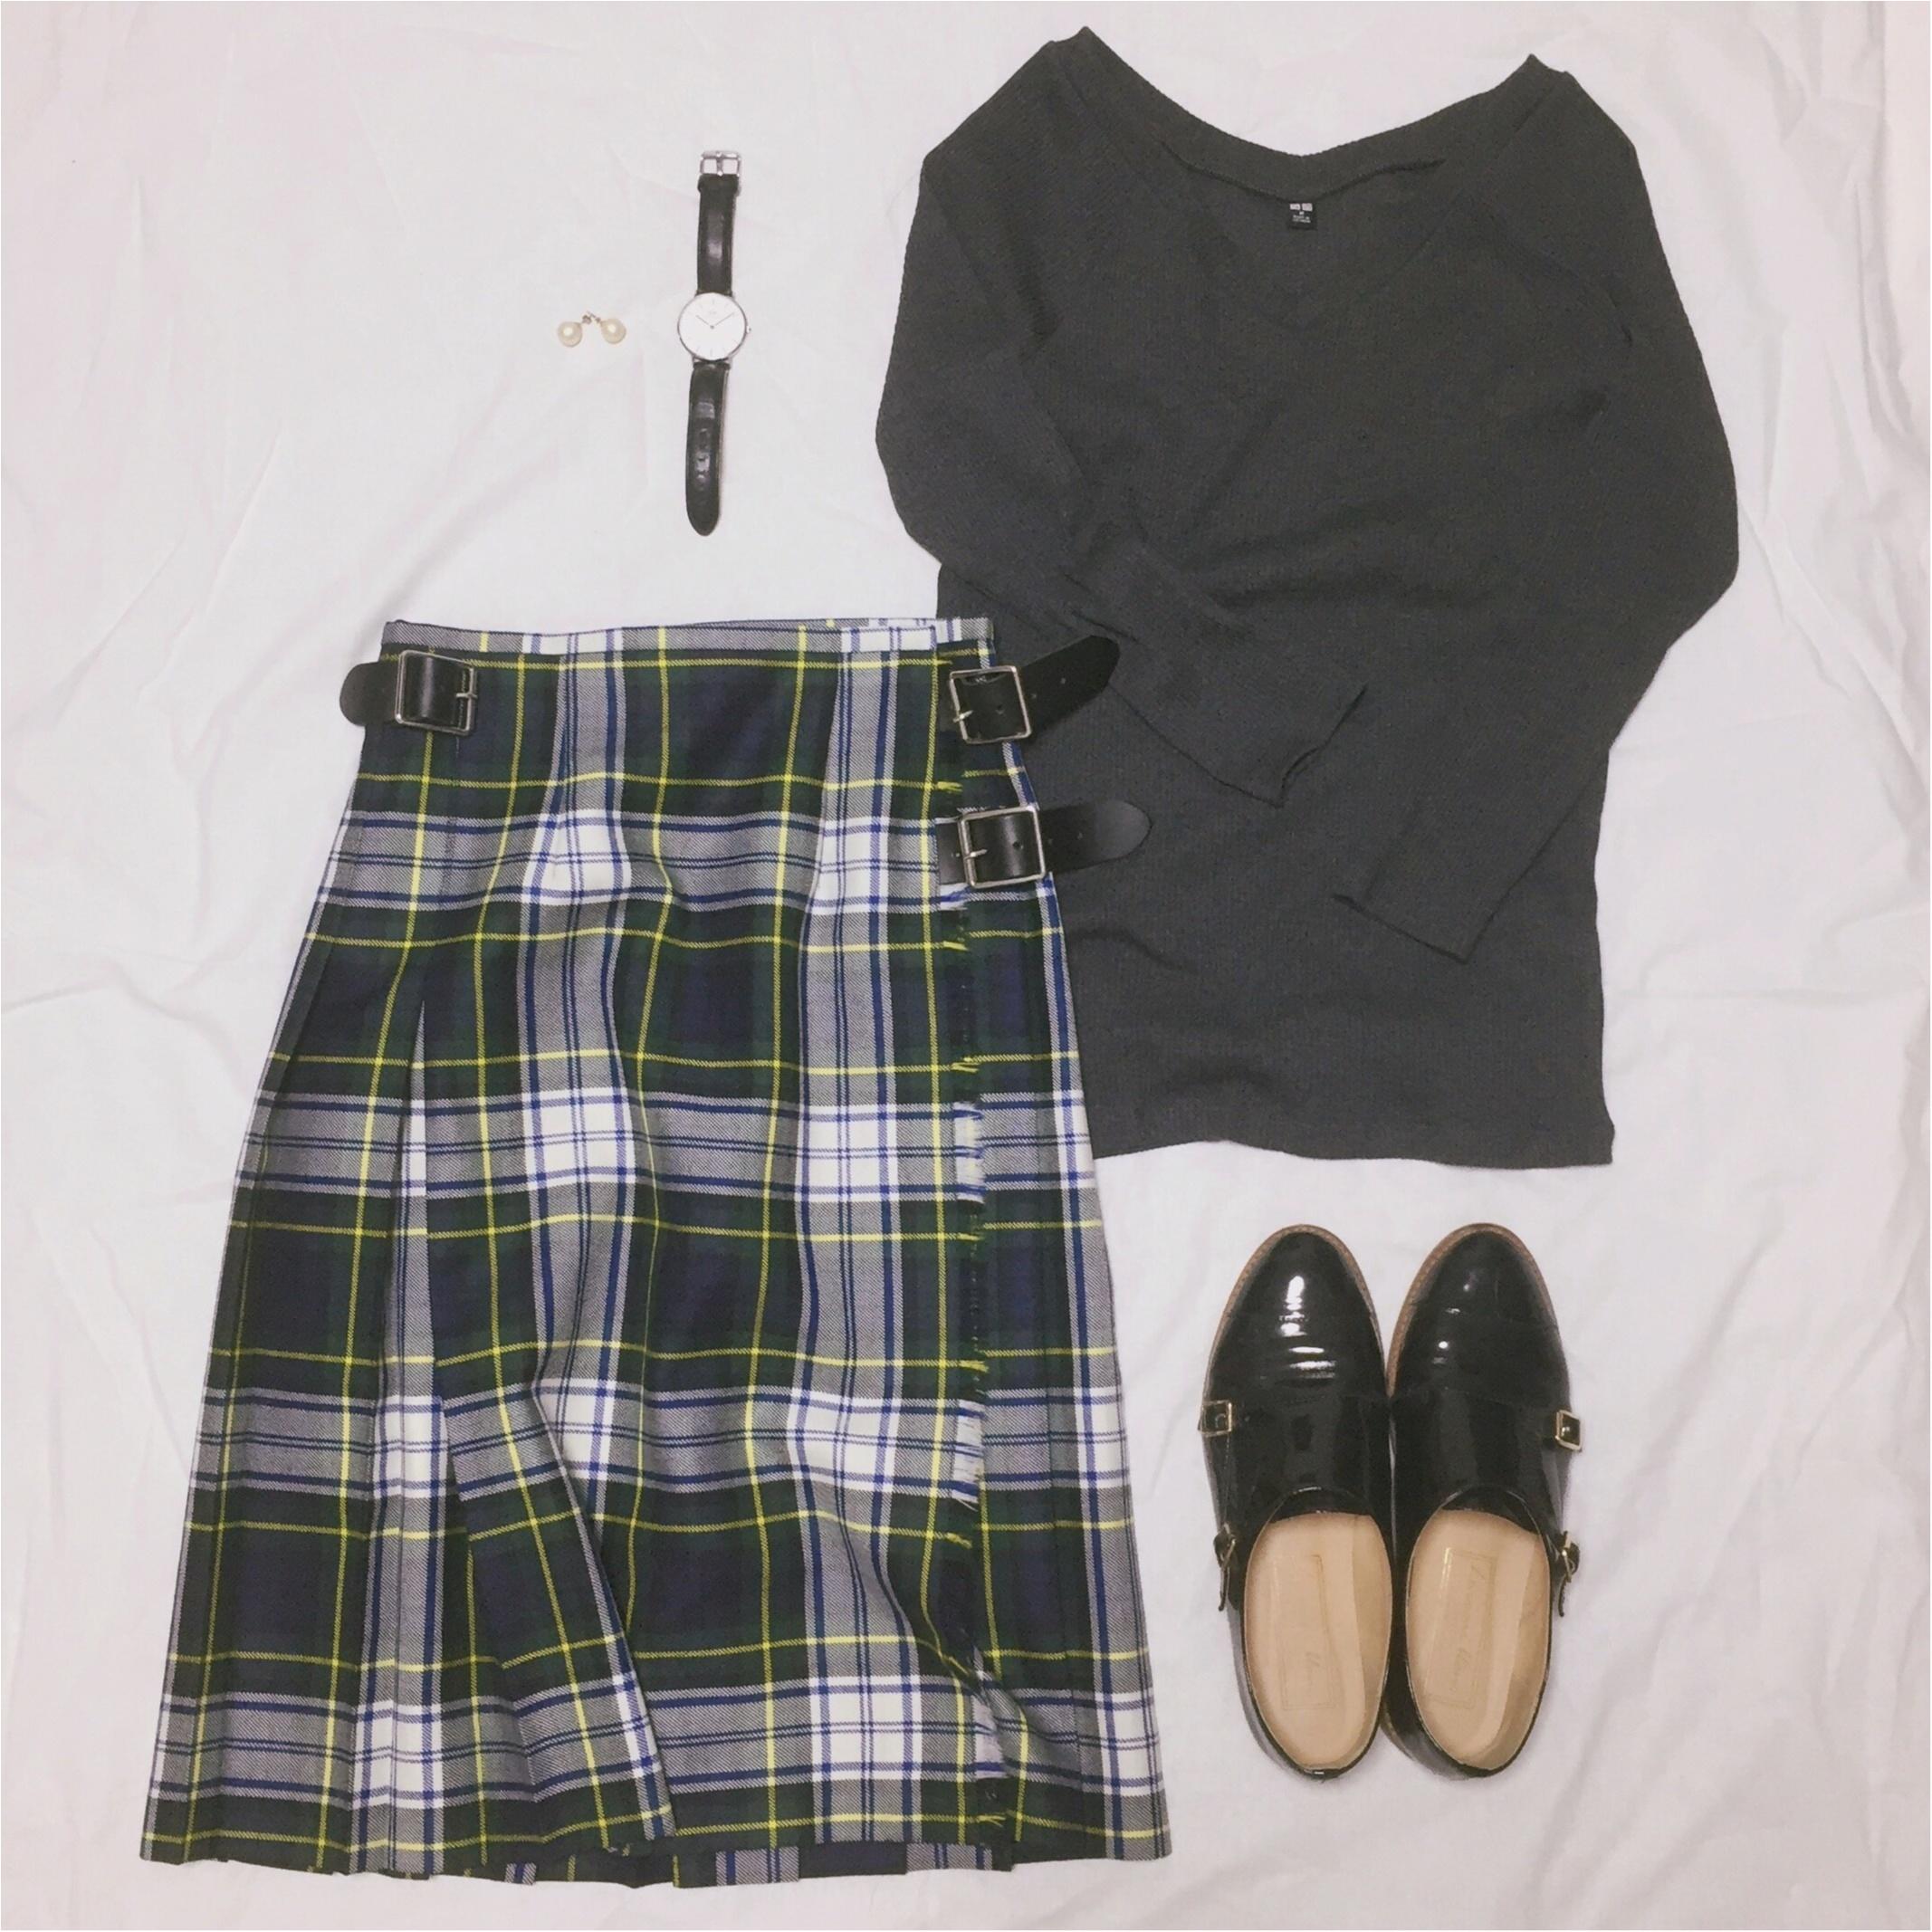 【UNIQLO】着るだけで女子度UP♡優秀リブバレエネックT_4